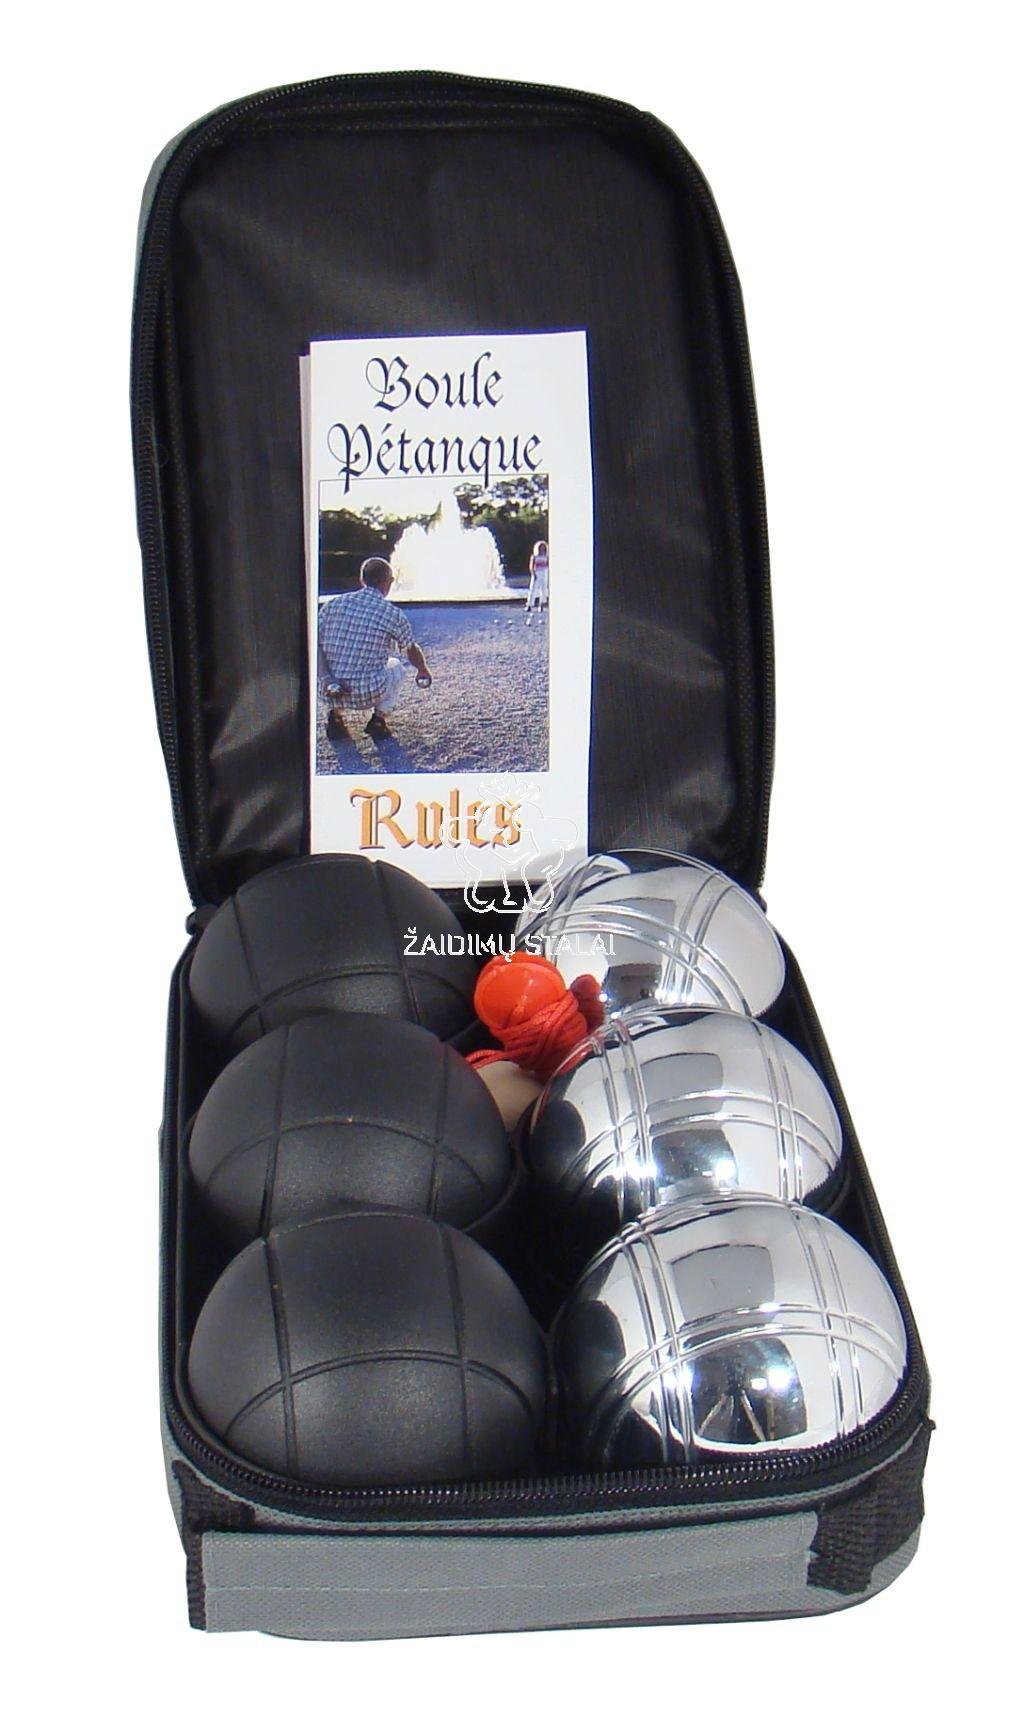 Petankė Provence, 6 kamuoliukai